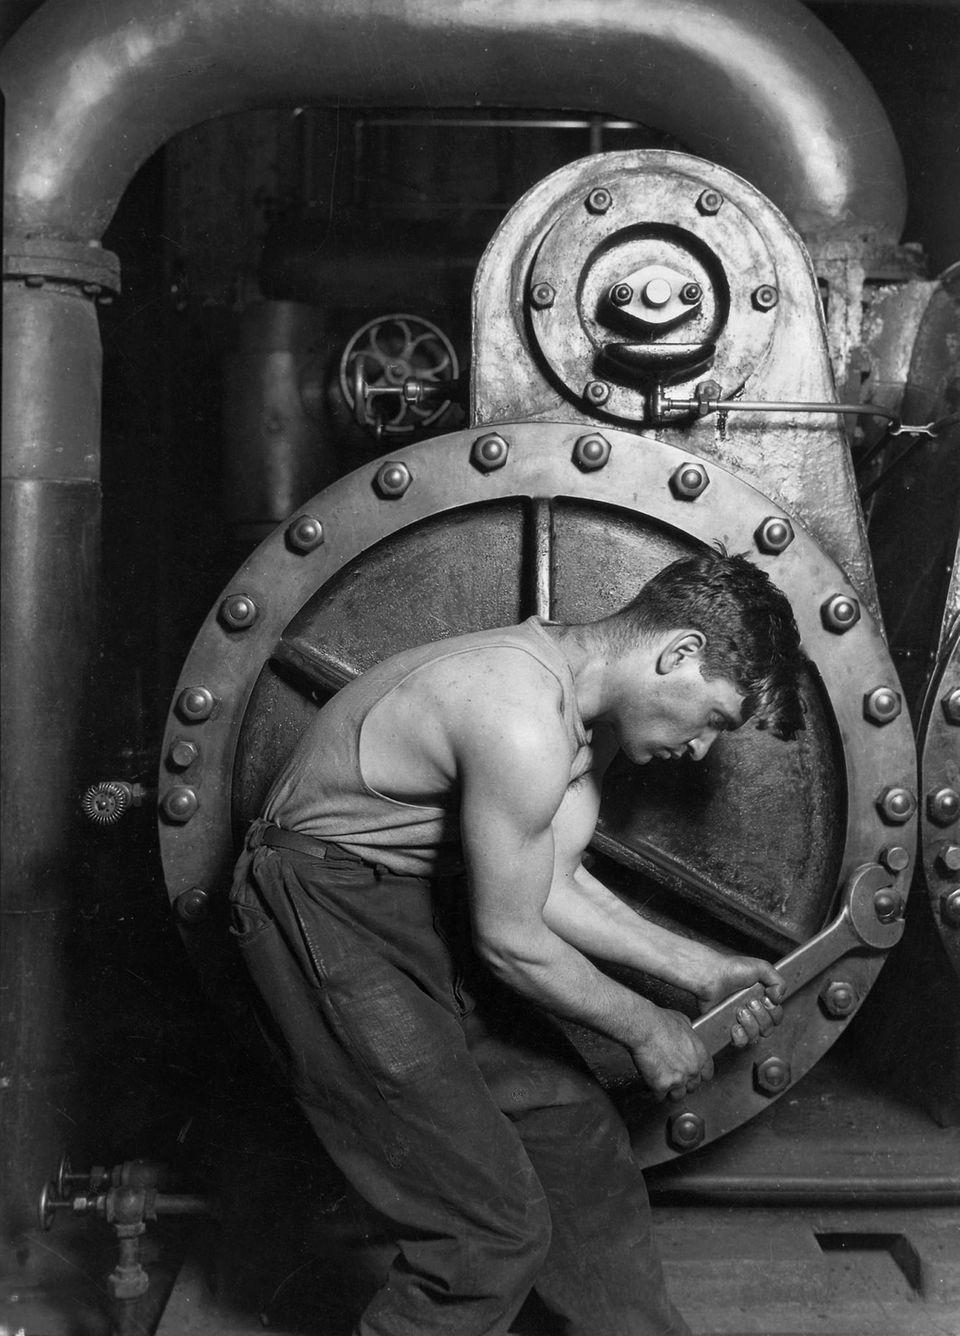 Kraftwerksarbeiter an einer Dampfmaschine